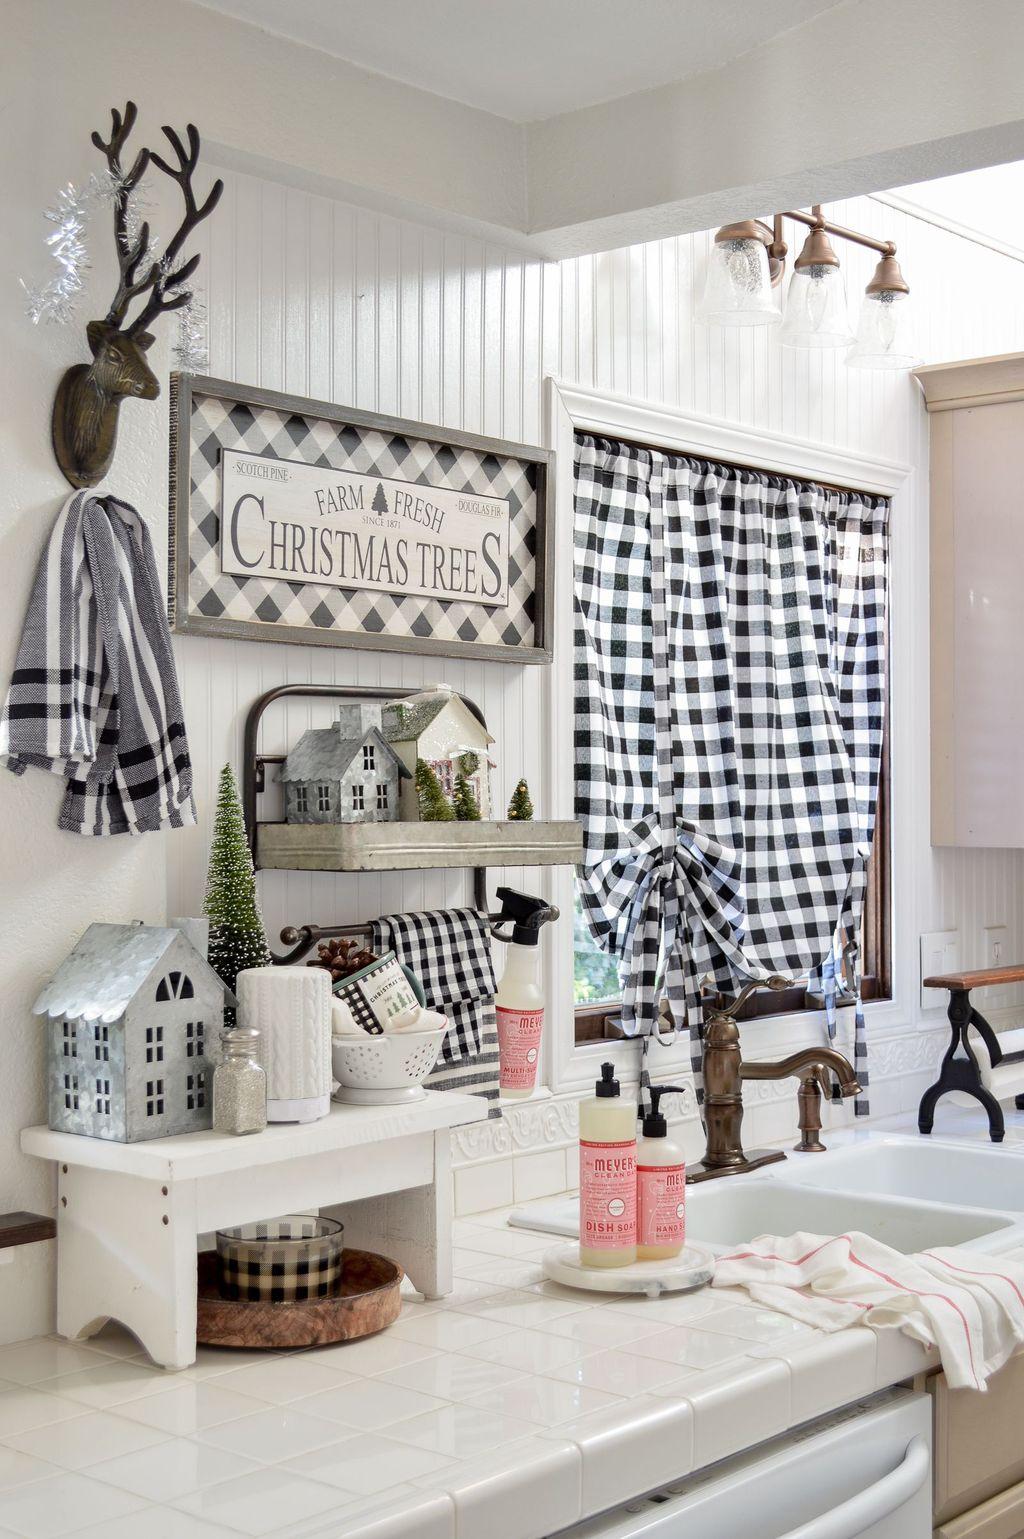 Stunning Winter Theme Kitchen Decorating Ideas 10